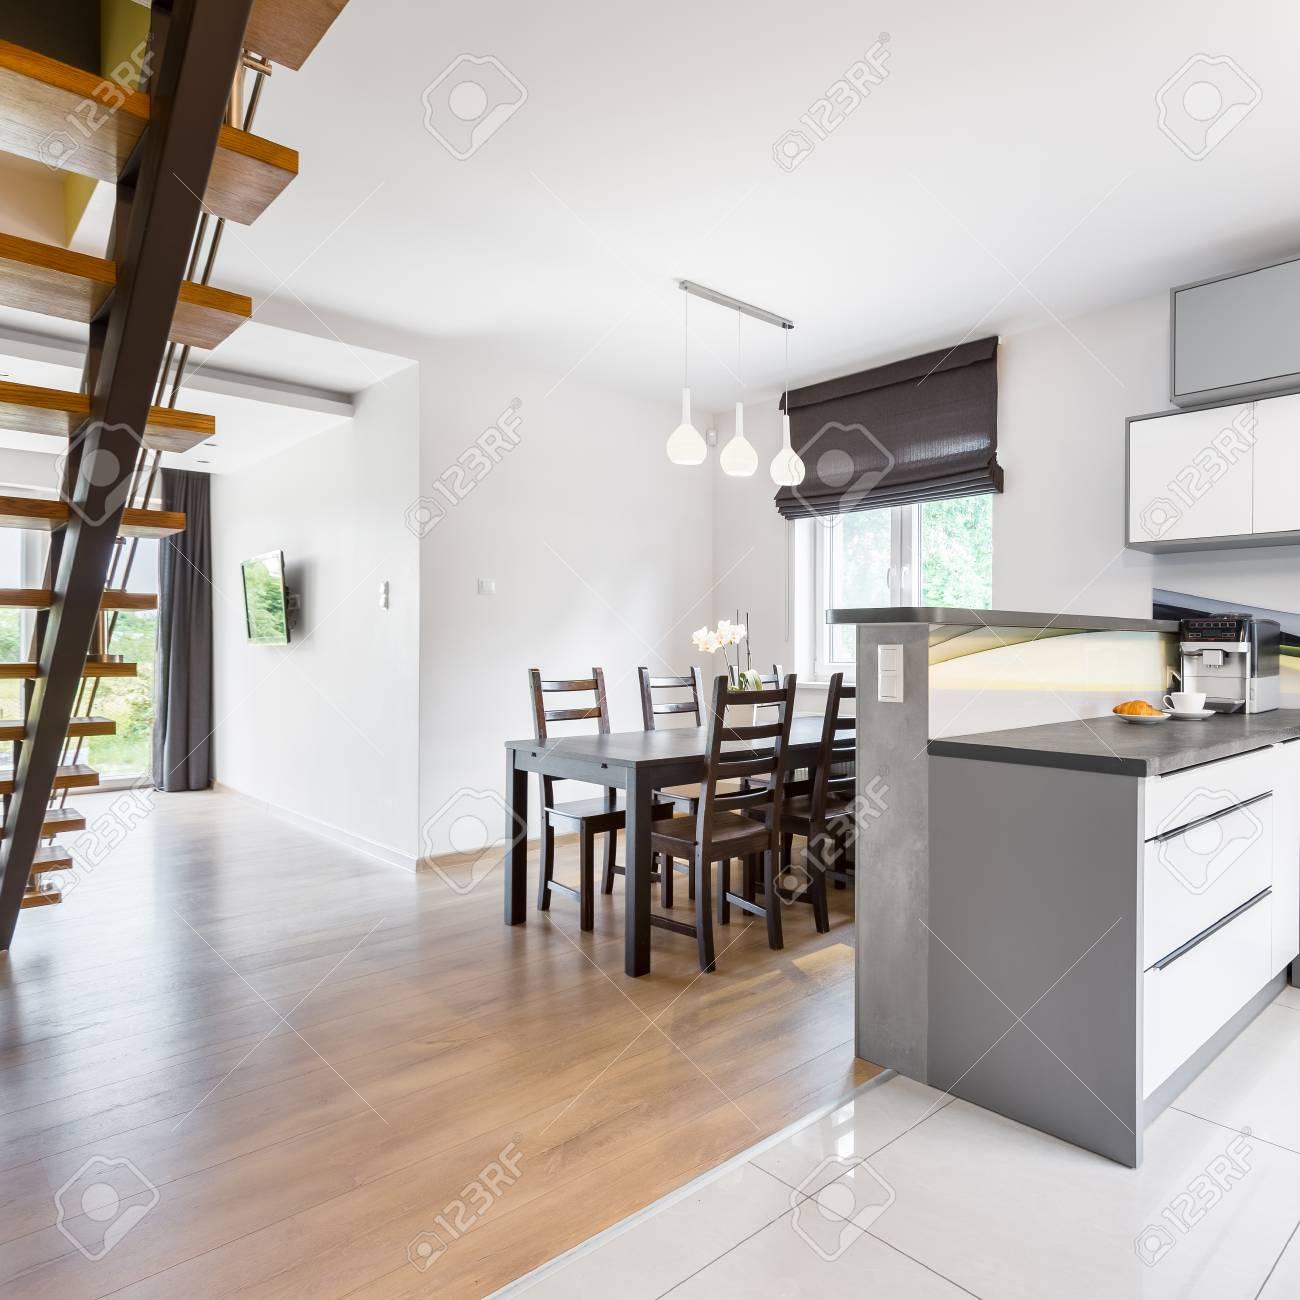 Offene Grundriss Villa Mit Küche, Essbereich Und Holztreppe ...